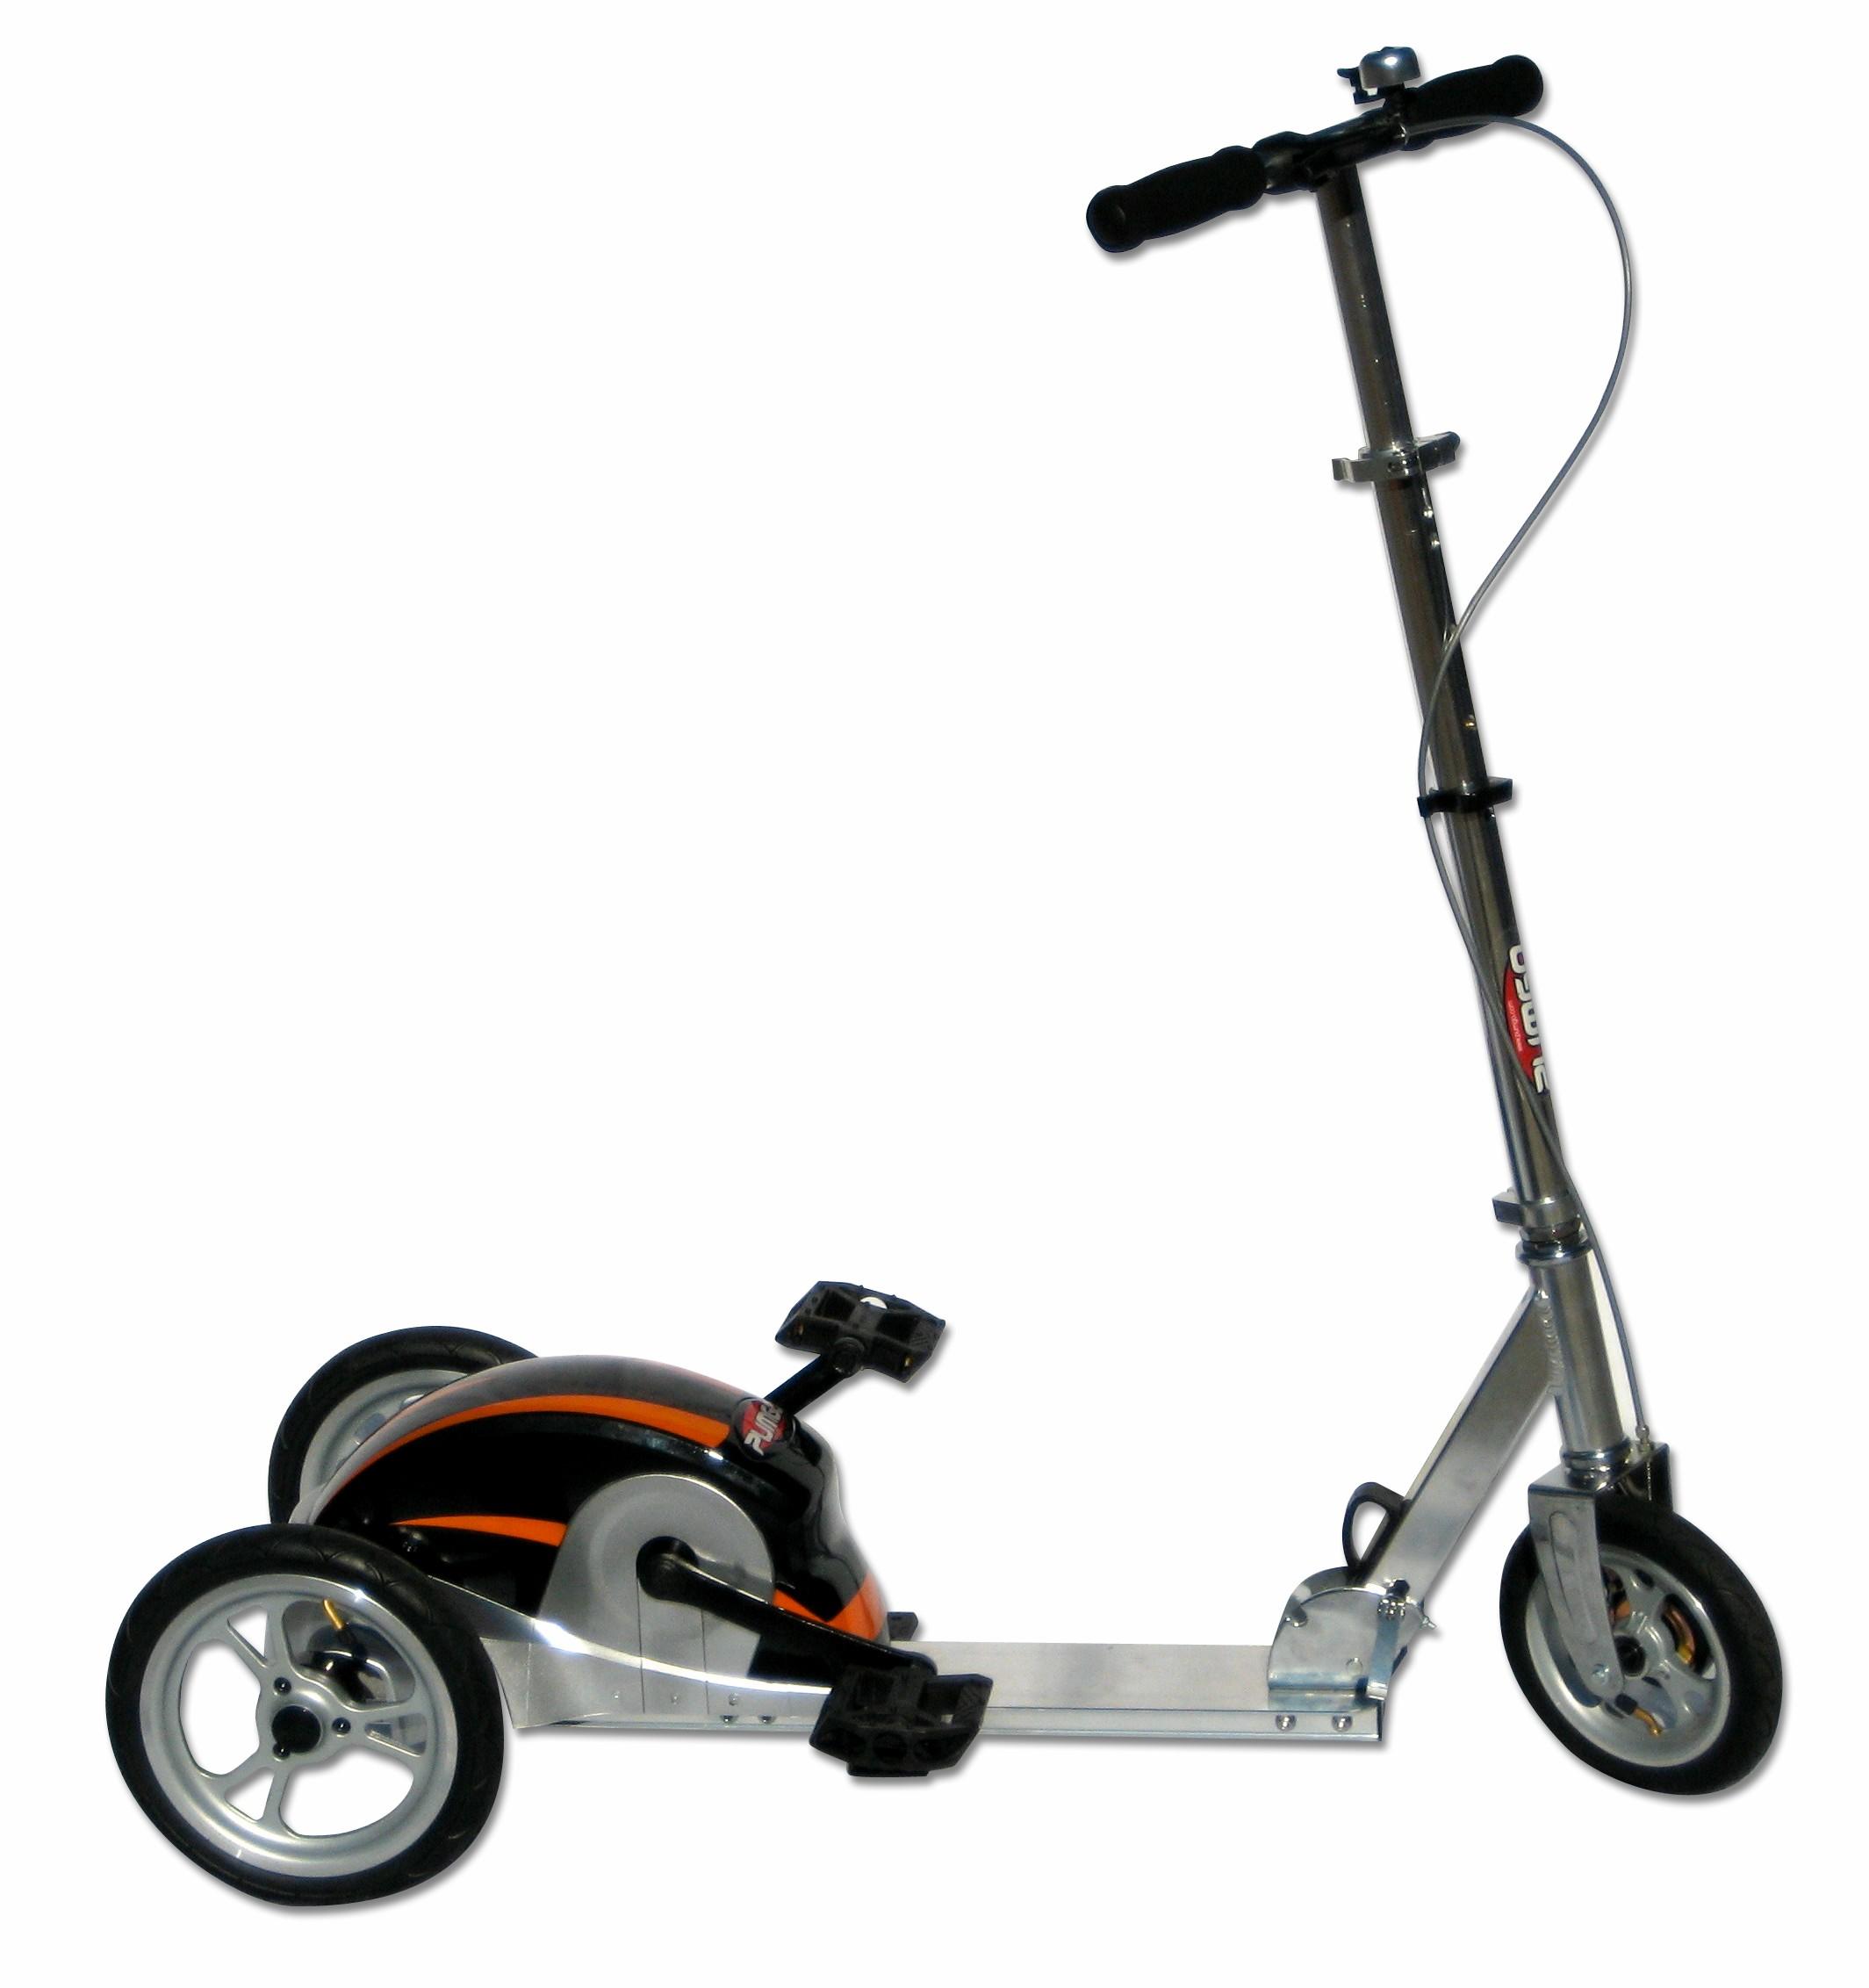 scooter fotoğraflarına ihtiyacım var